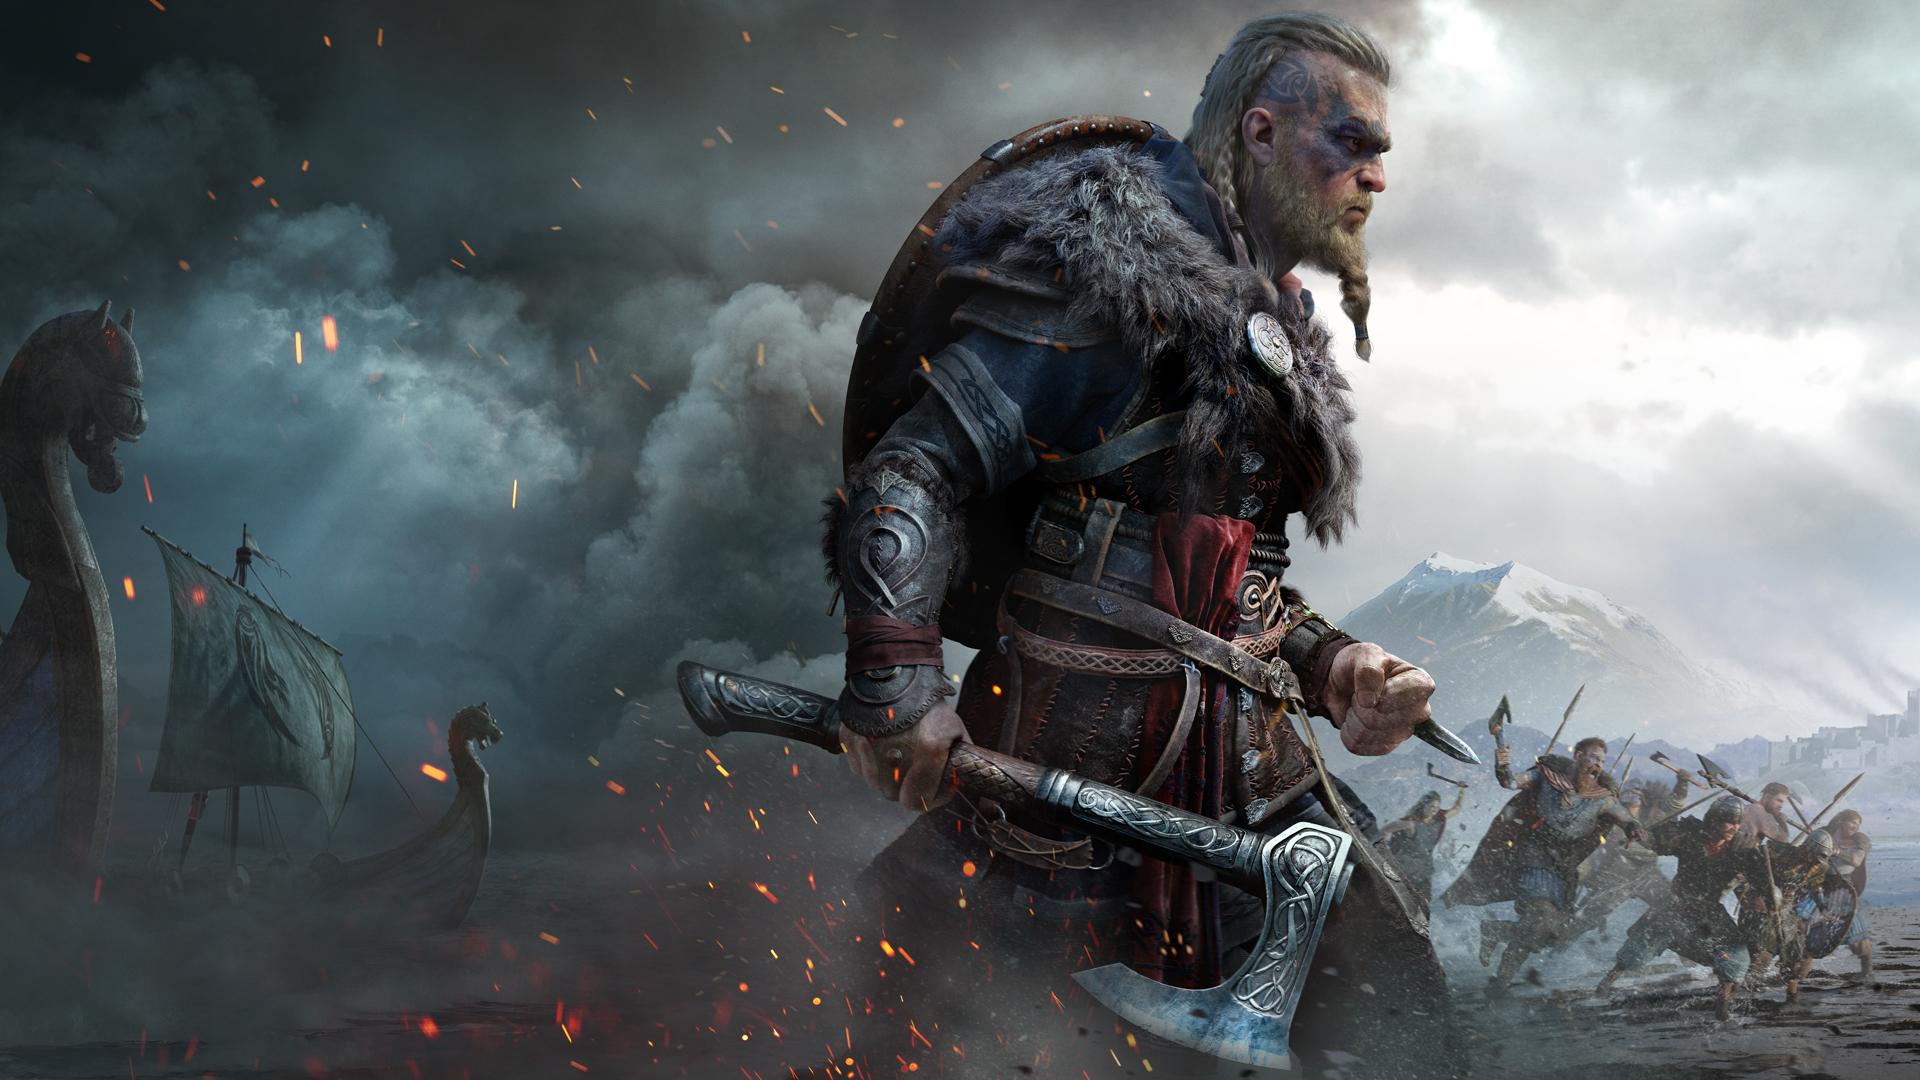 Xbox Series X estropezu egin zen atera baino lehen! Assassin's Creed Valhalla 30 FPS exekutatuko da!